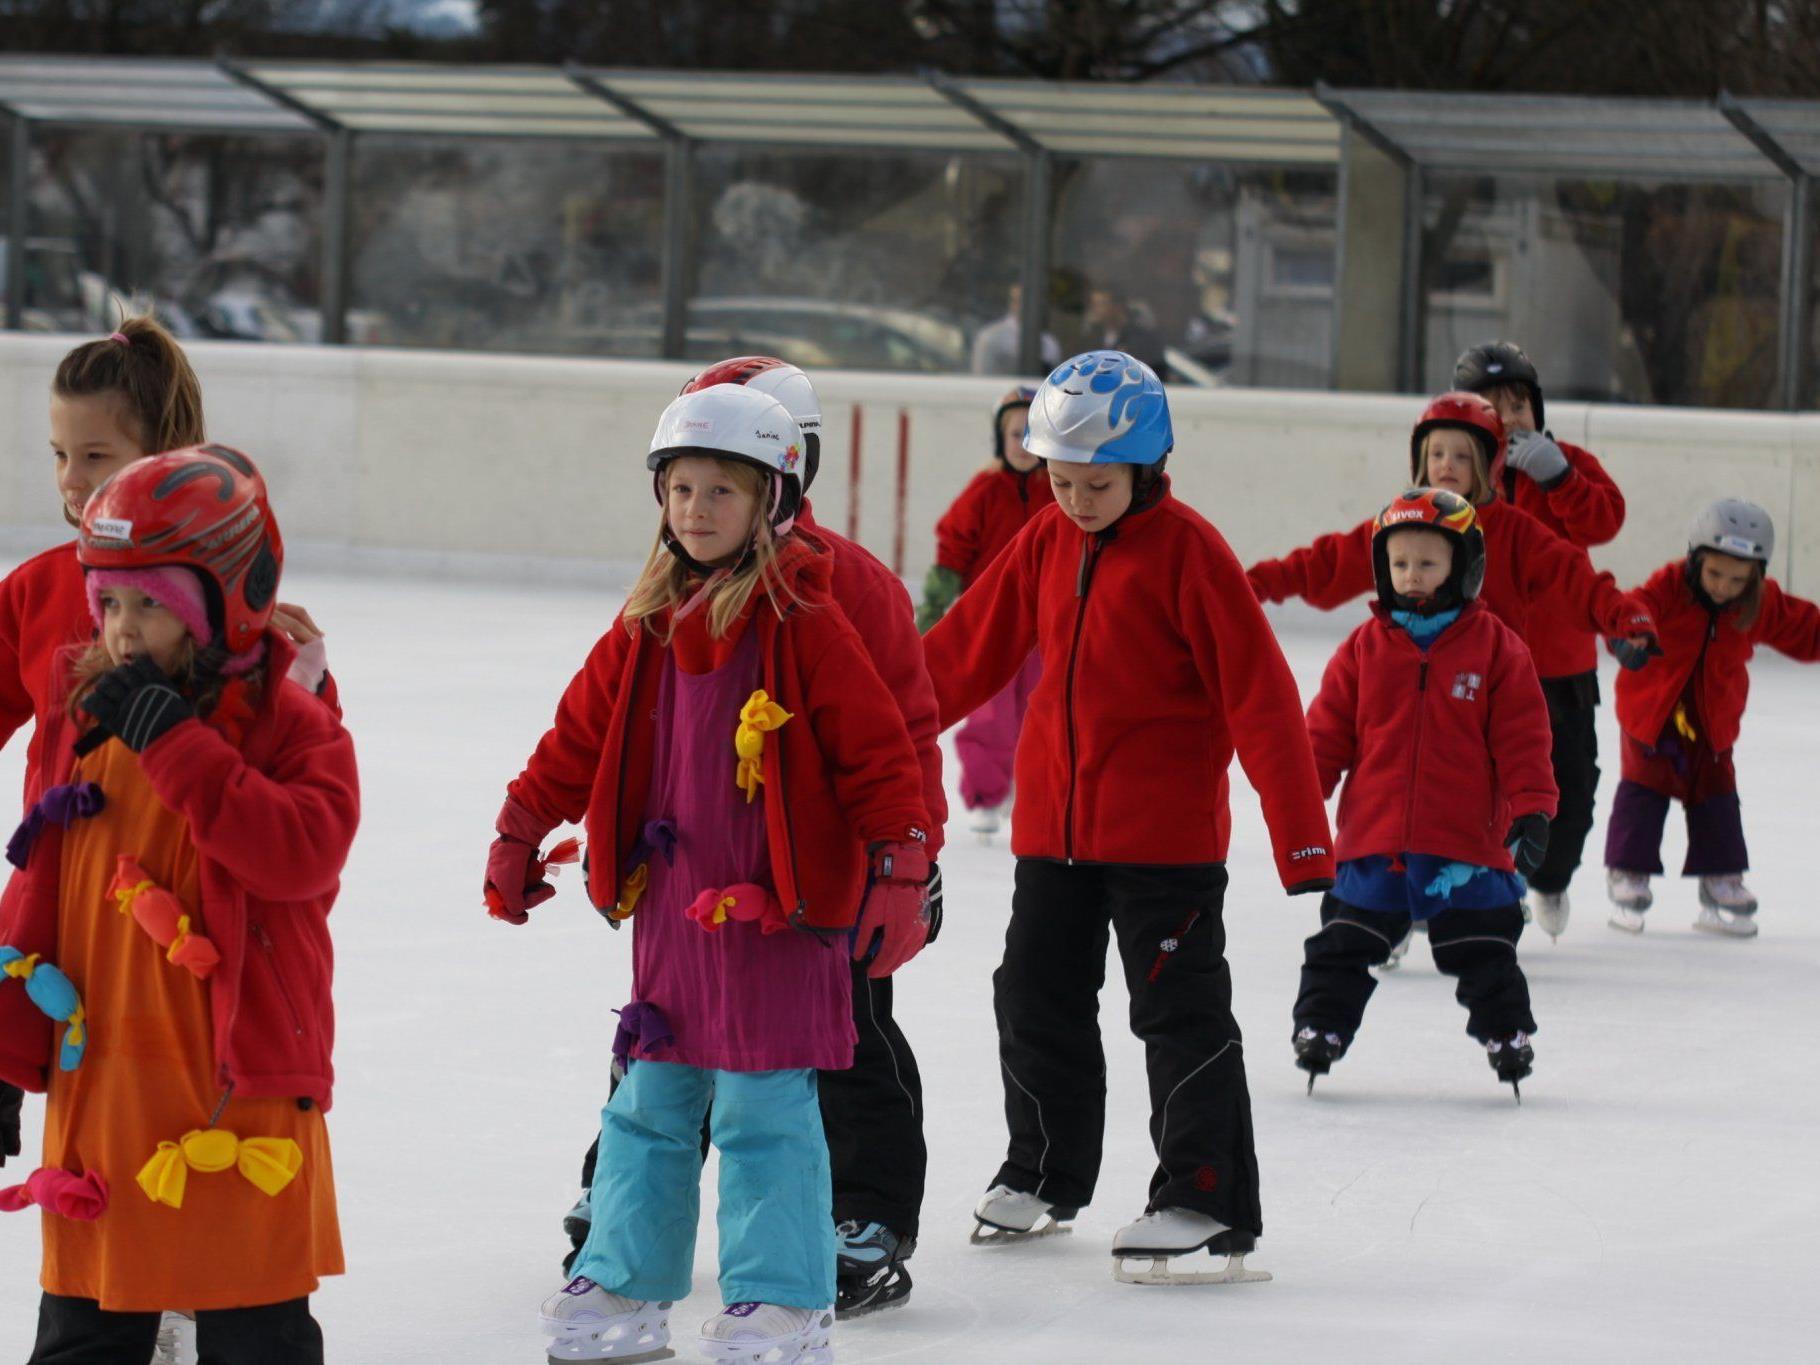 Eislaufen unter freiem Himmel erfreut sich in Rankweil nach wie vor großer Beliebtheit.